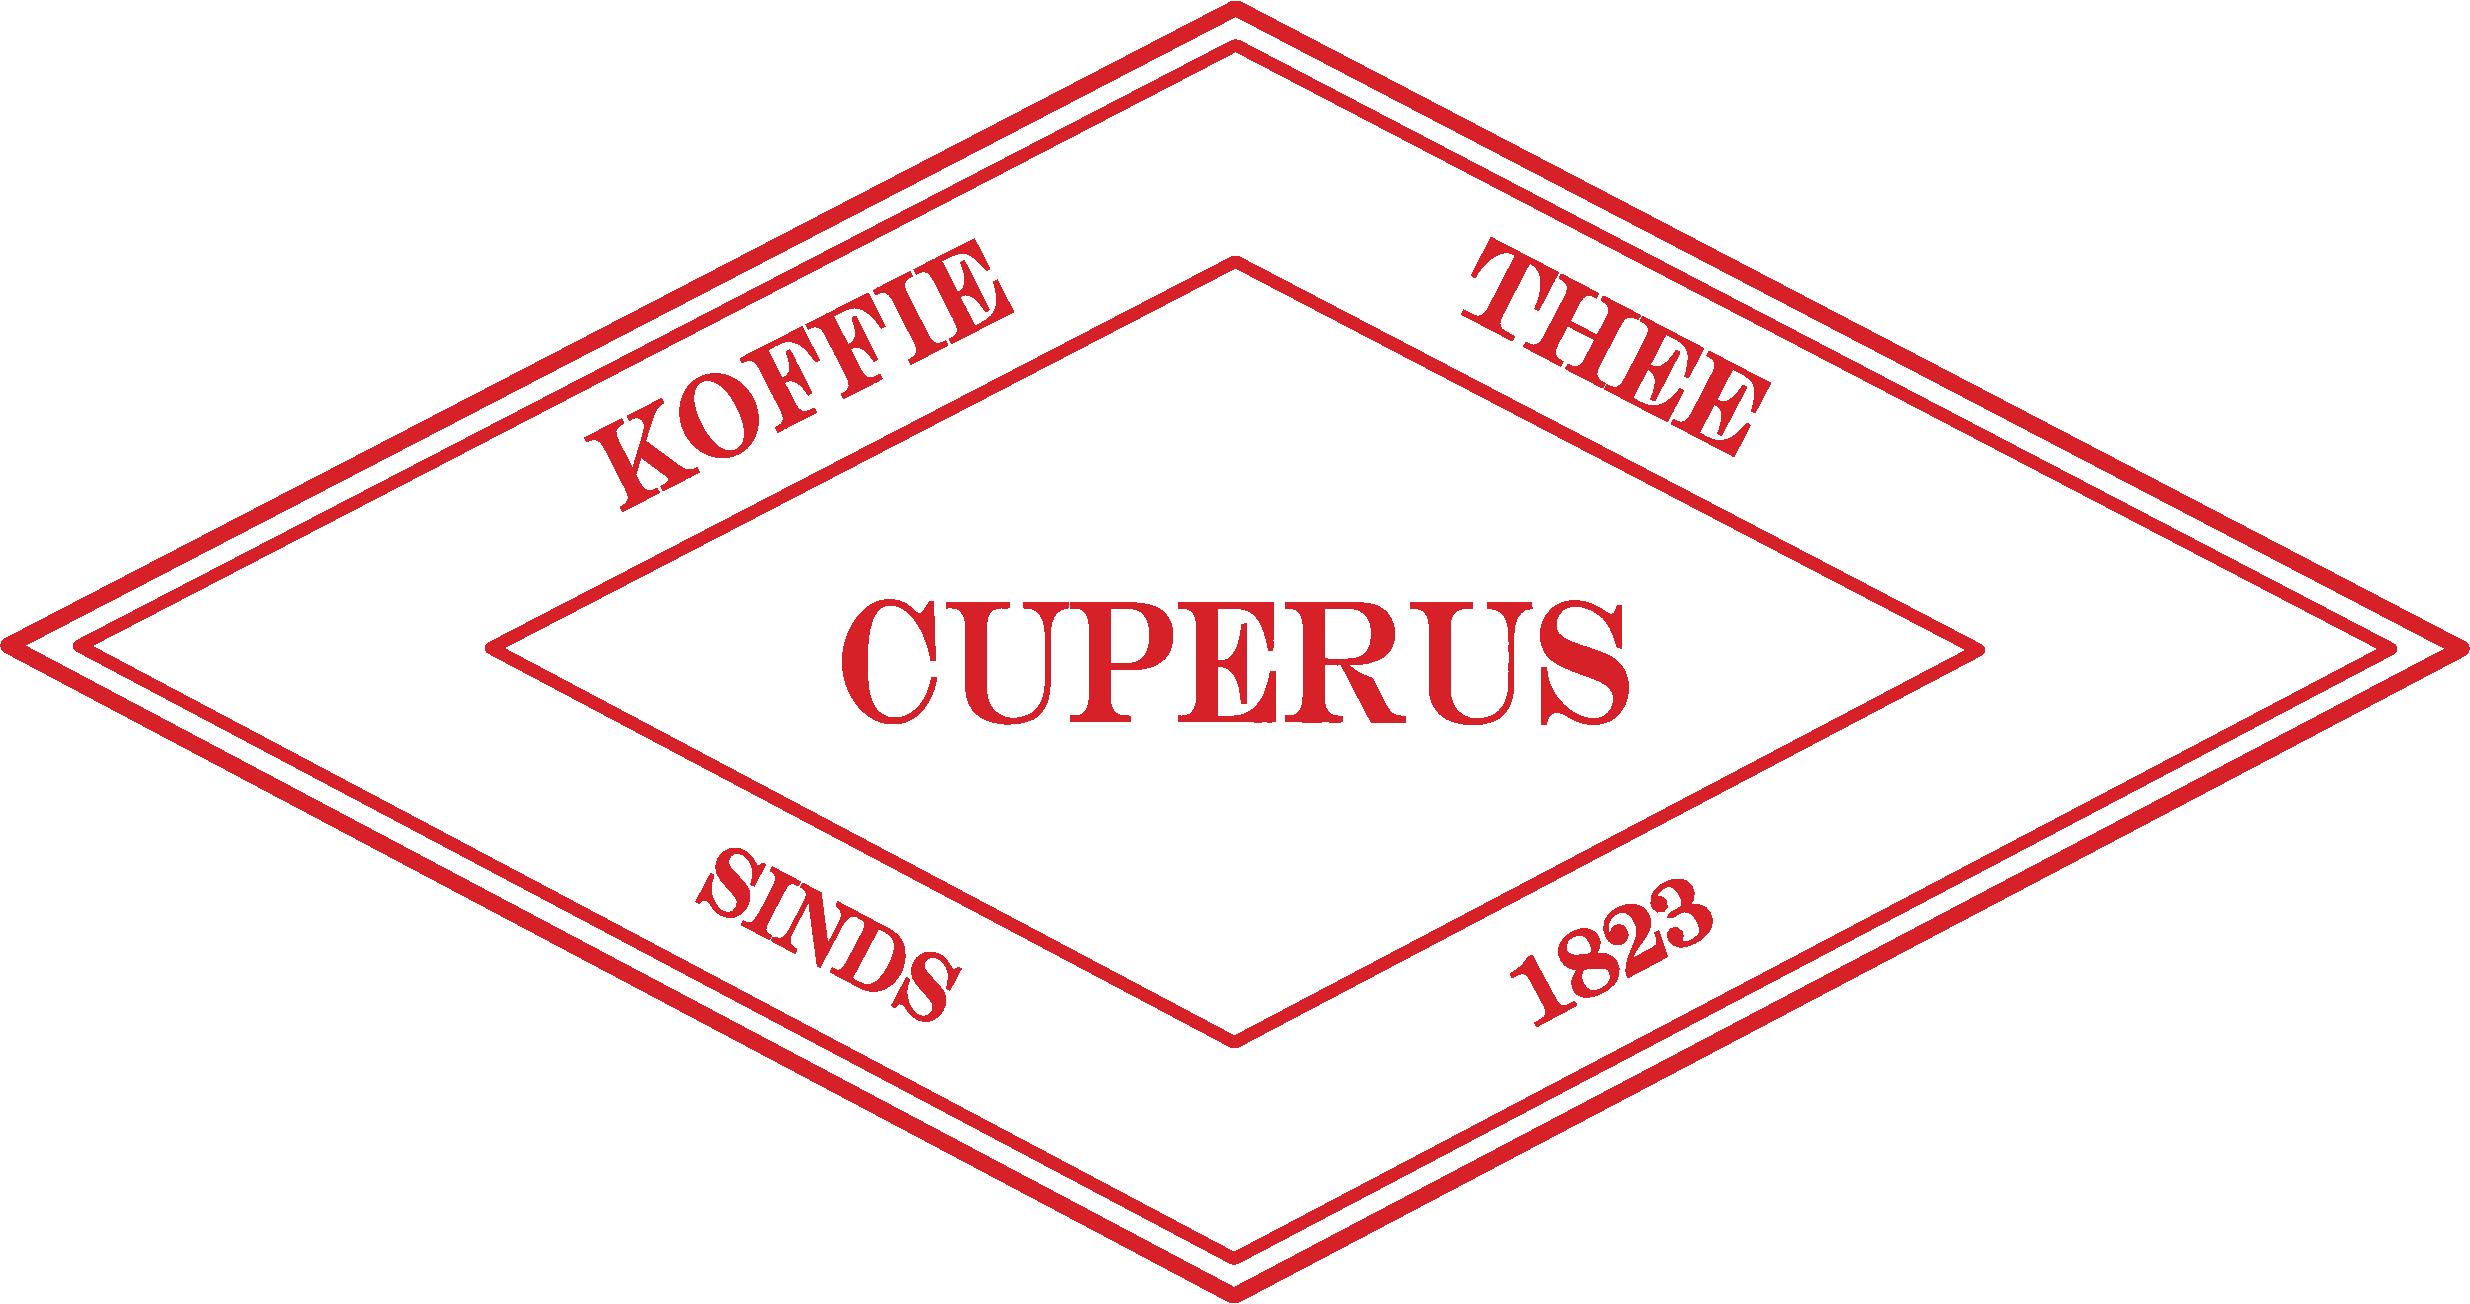 Cuperus